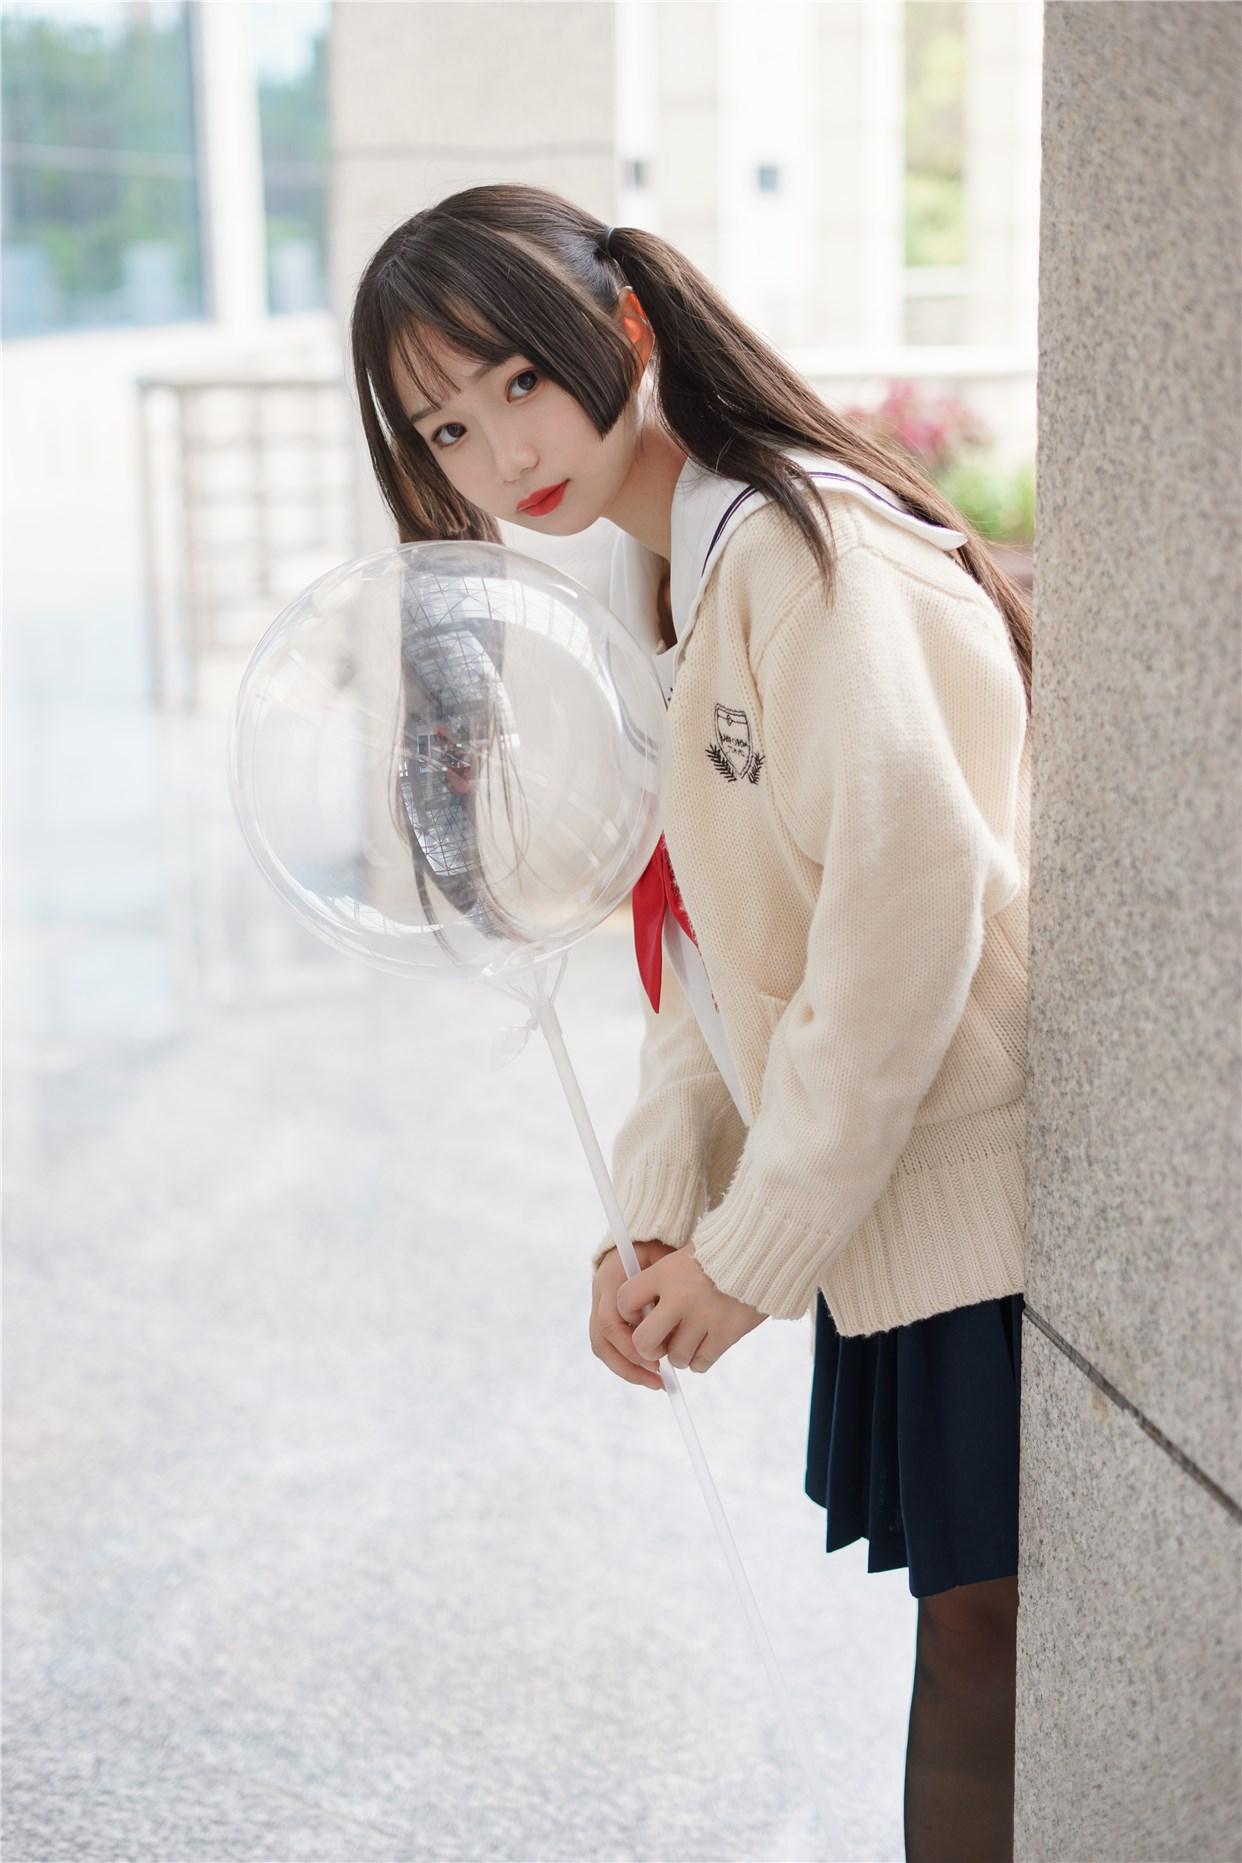 【兔玩映画】双马尾的JK少女 兔玩映画 第41张